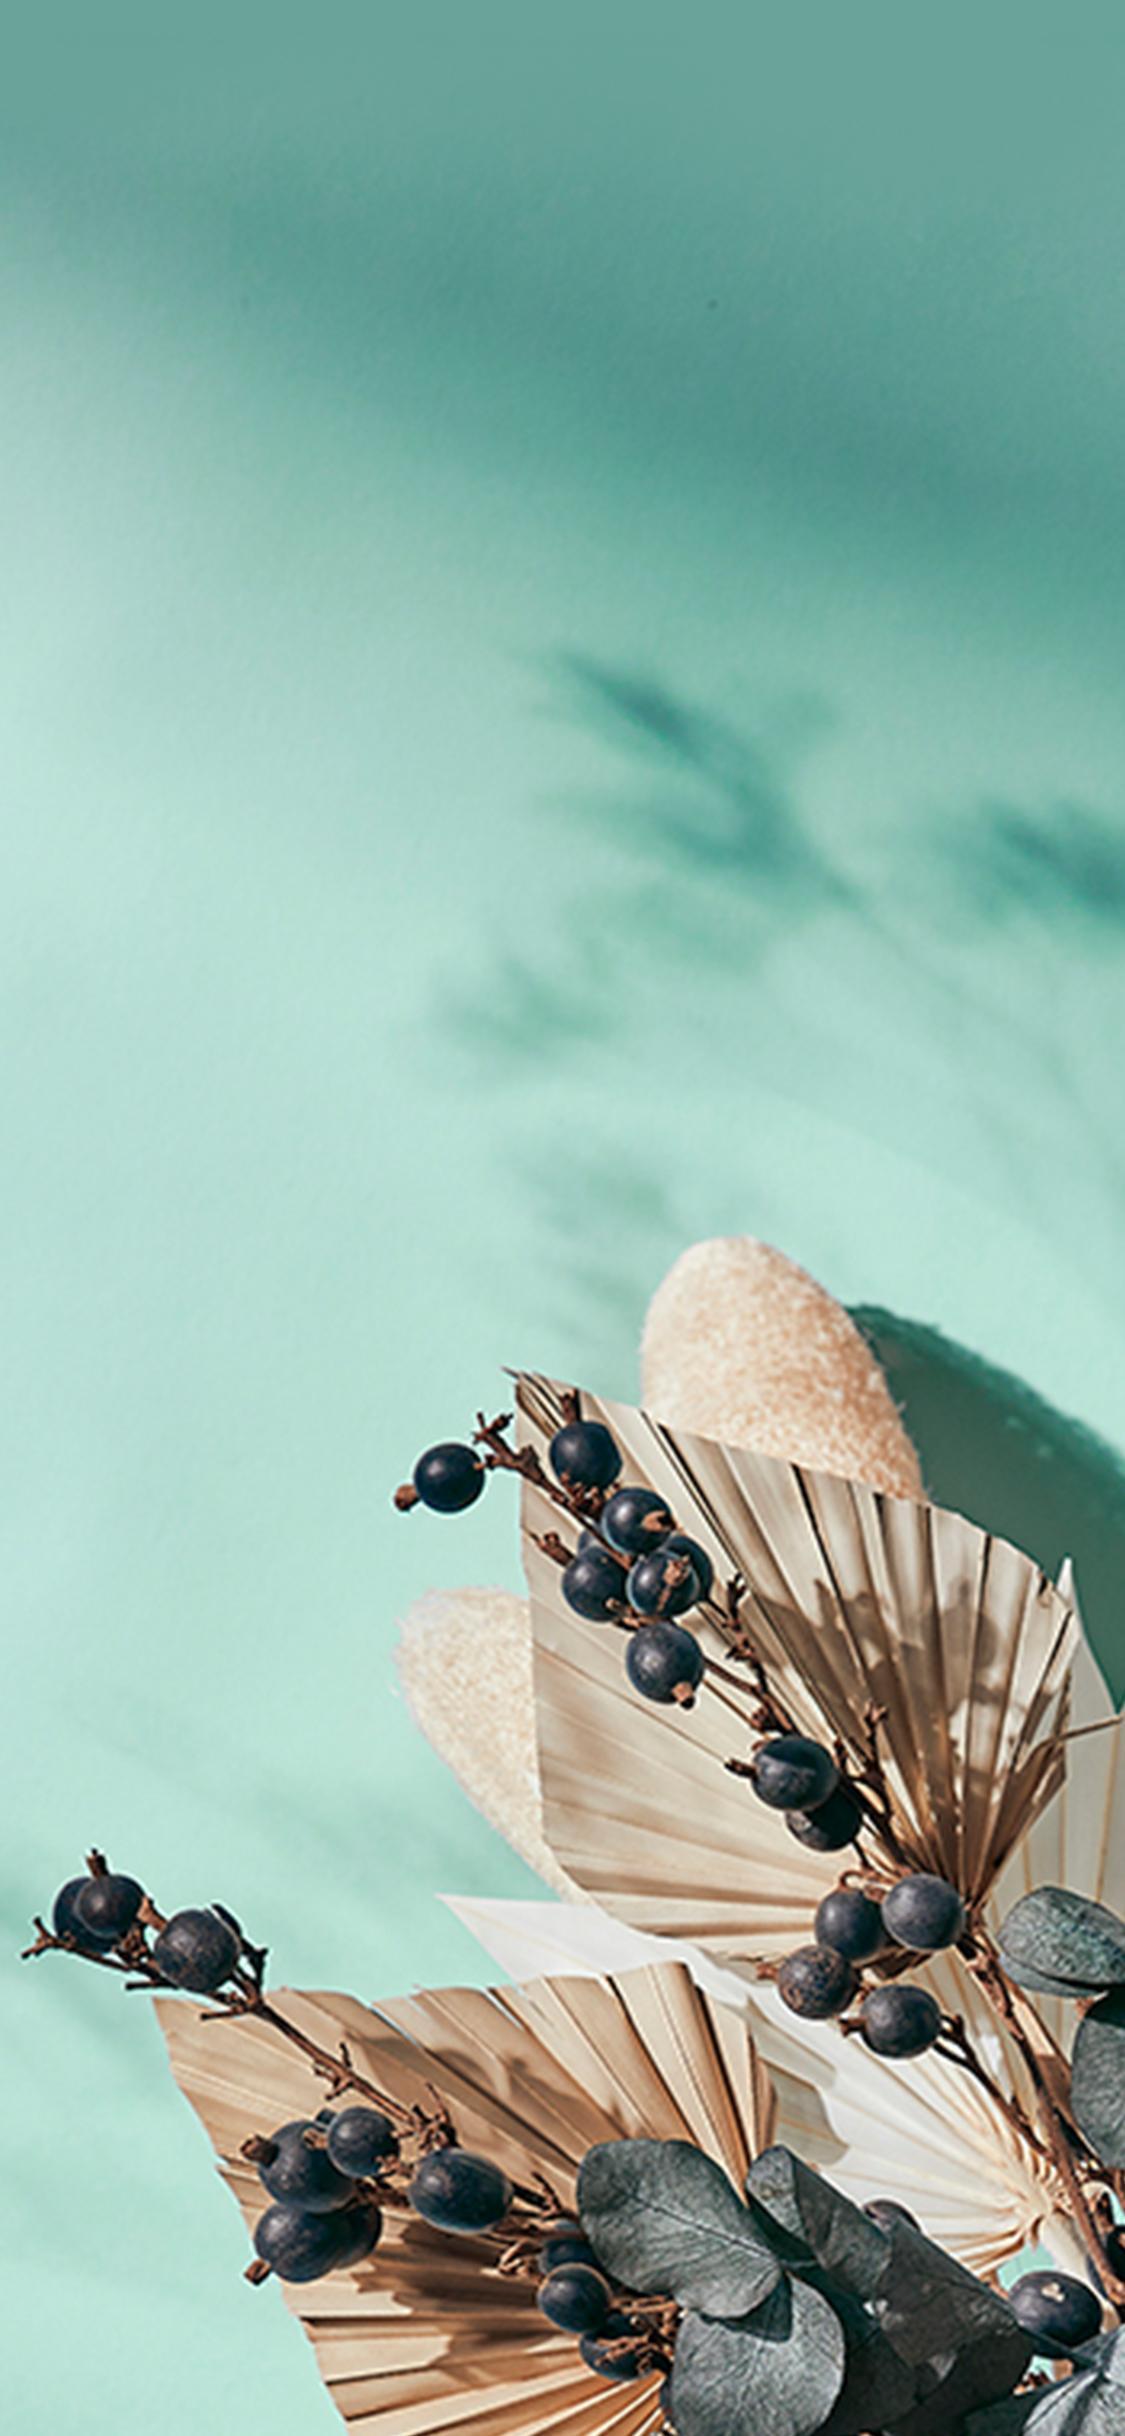 Hintergrundbild fürs Handy mit Blumen Motiv